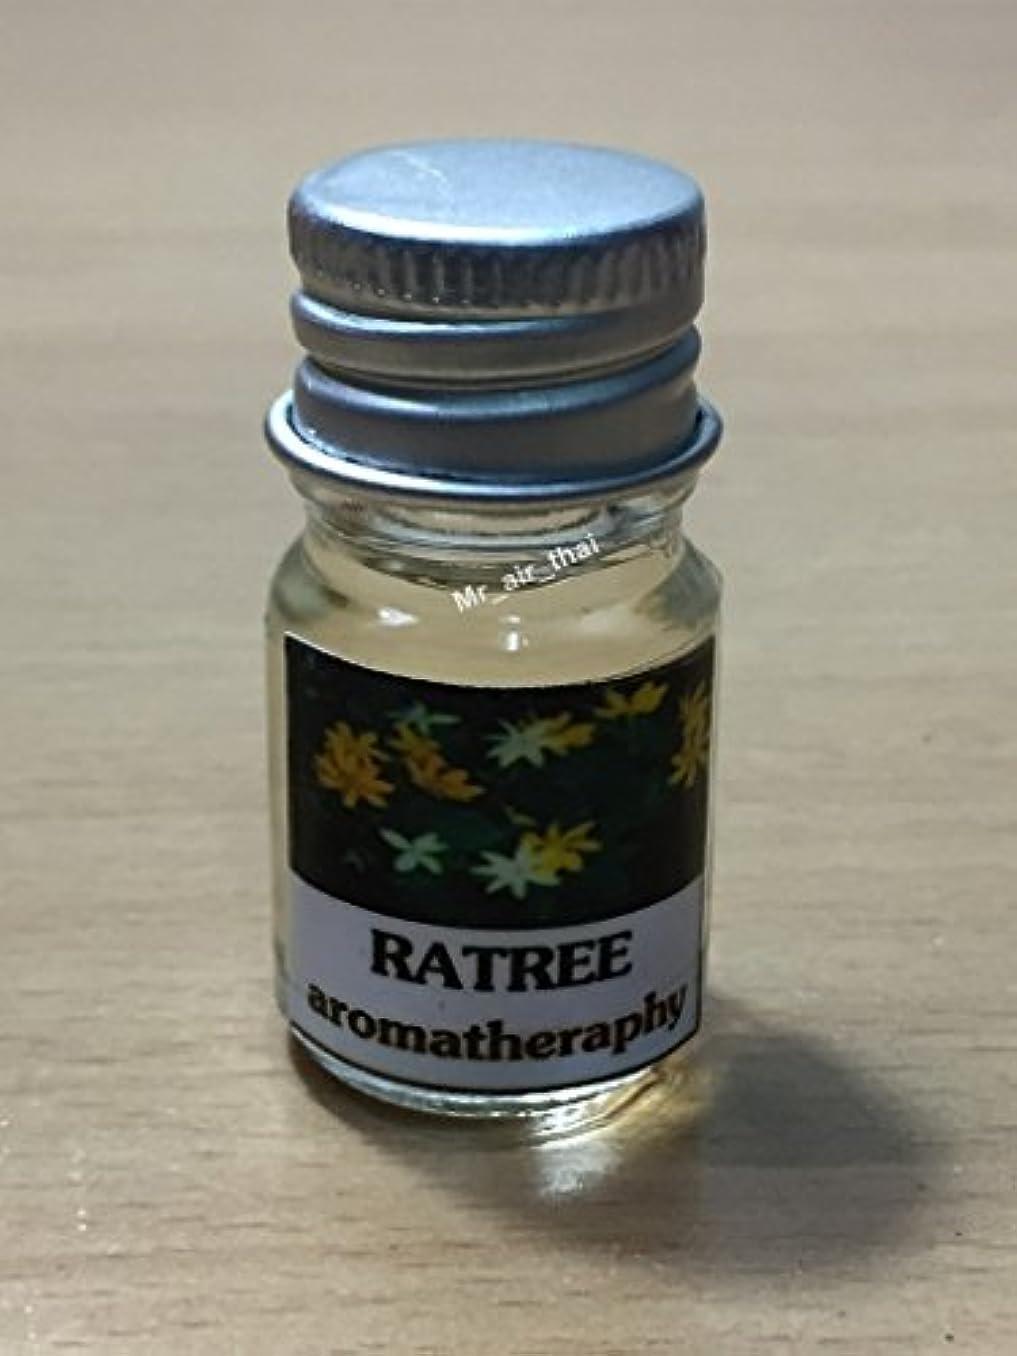 電話に出る観察仕方5ミリリットルアロマRatreeフランクインセンスエッセンシャルオイルボトルアロマテラピーオイル自然自然5ml Aroma Ratree Frankincense Essential Oil Bottles Aromatherapy...